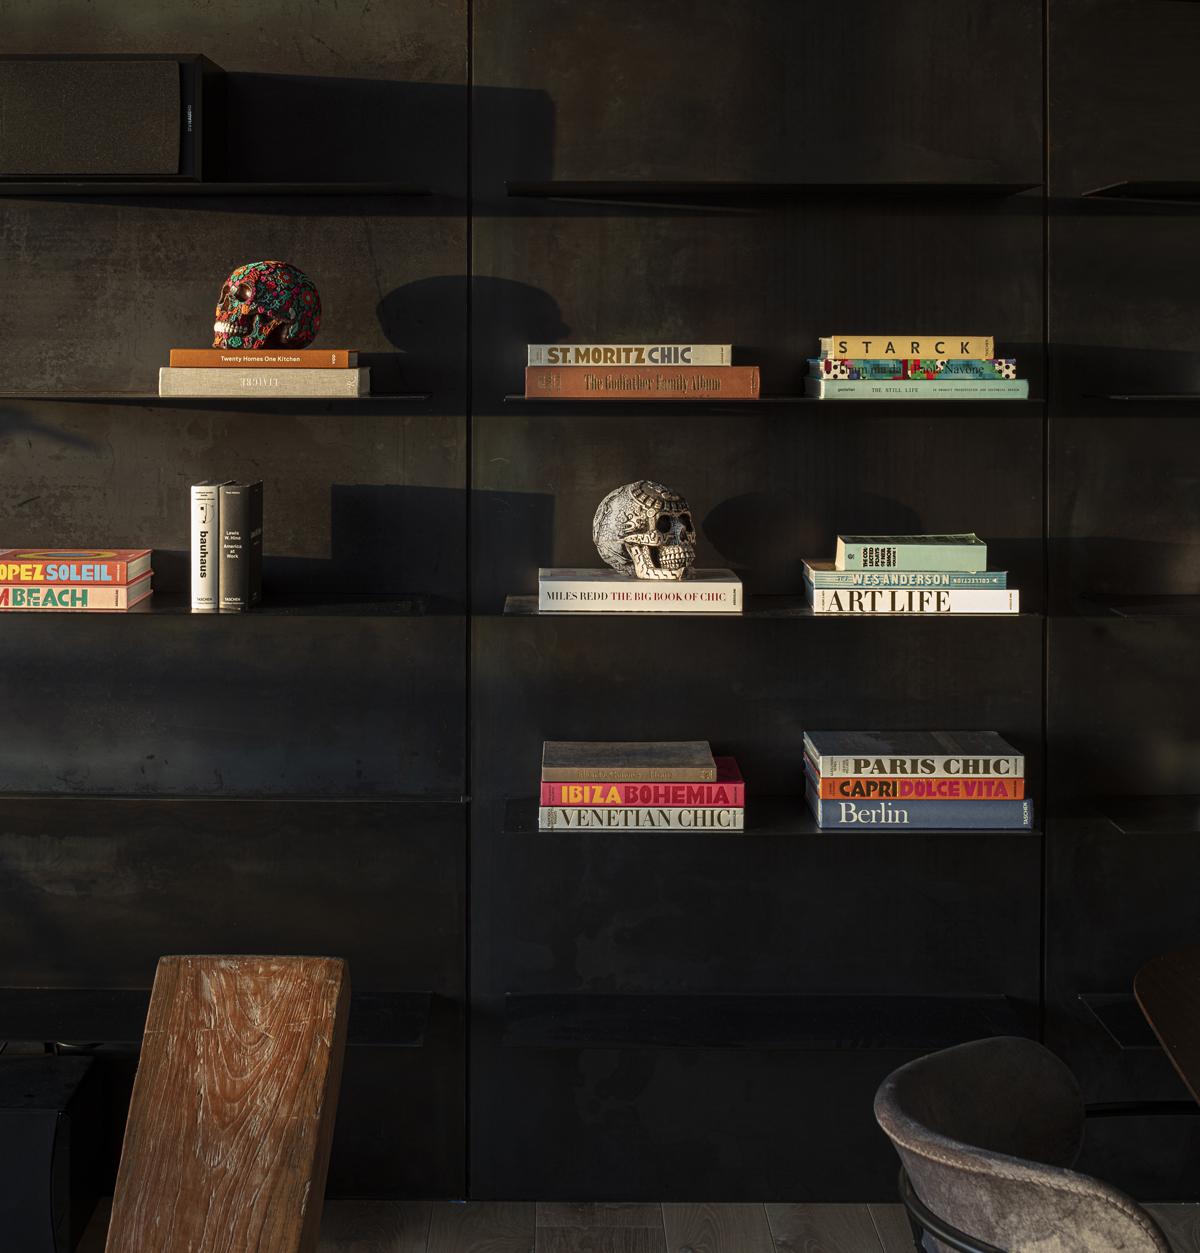 עיצוב ספריה מברזל - סטודיו פיירפלי